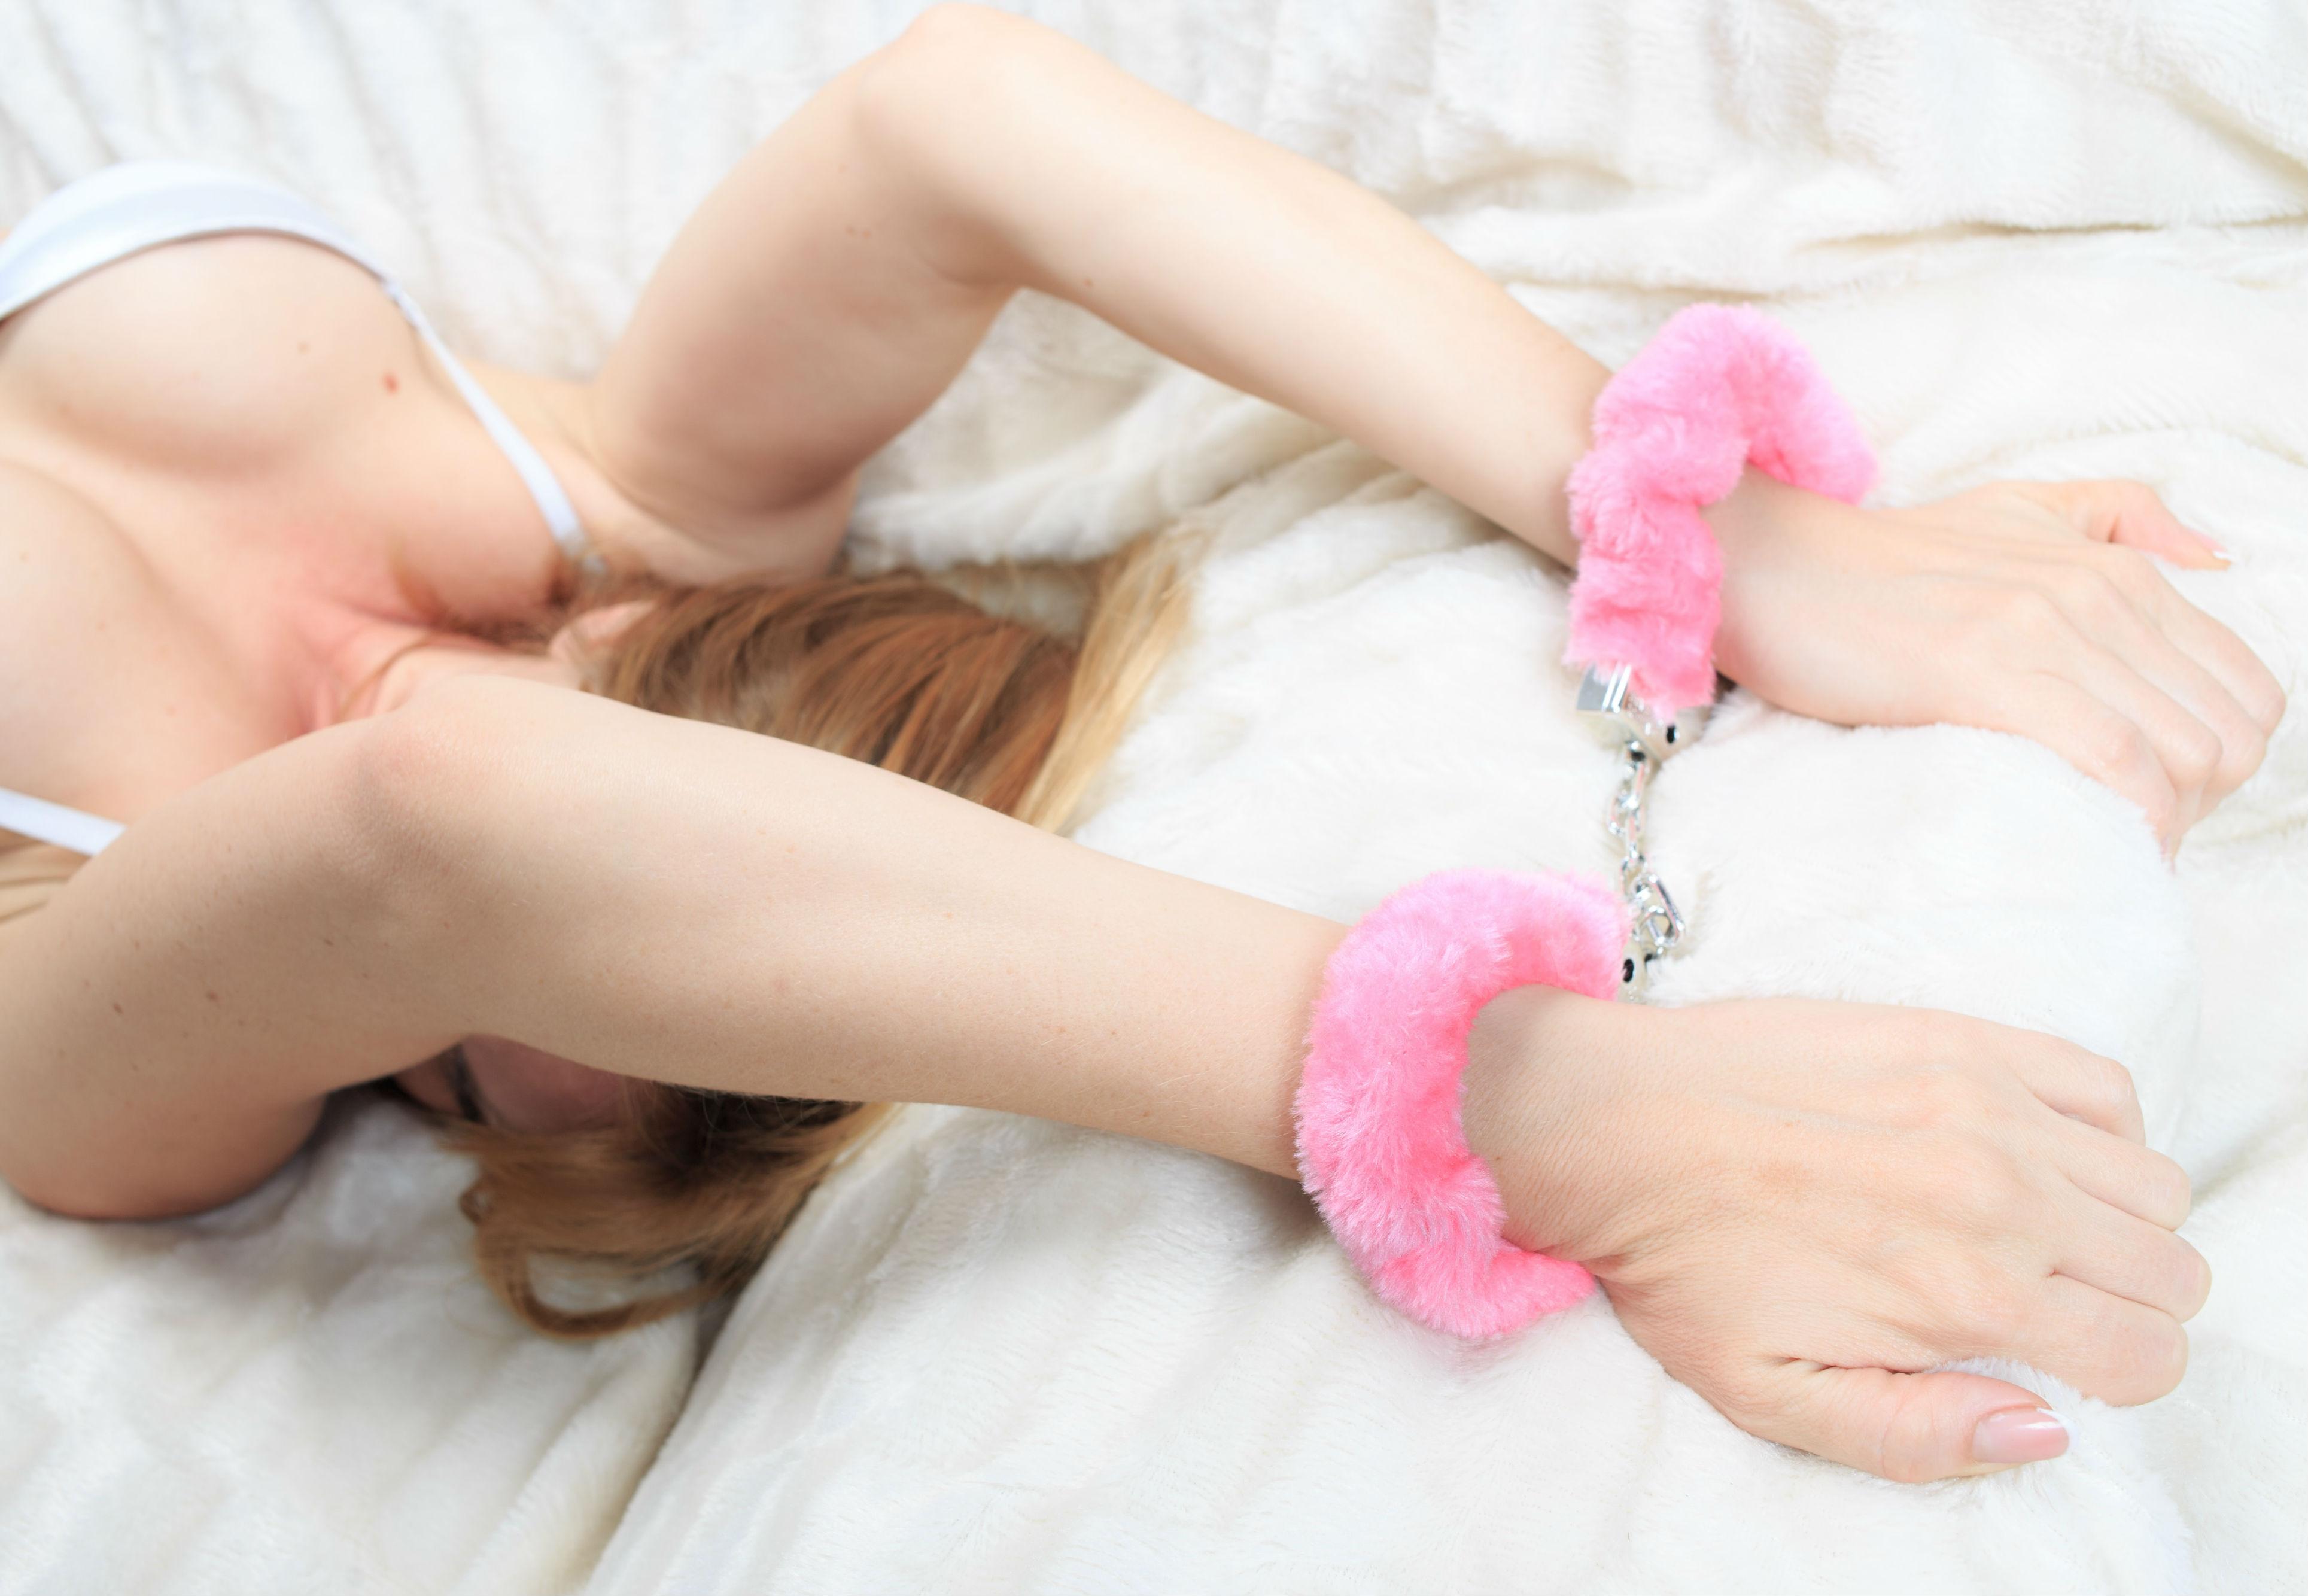 полезное сообщение считаю, порно лесбиянки видео униформе нравится!!!!!!!!! нашем сайте сможете